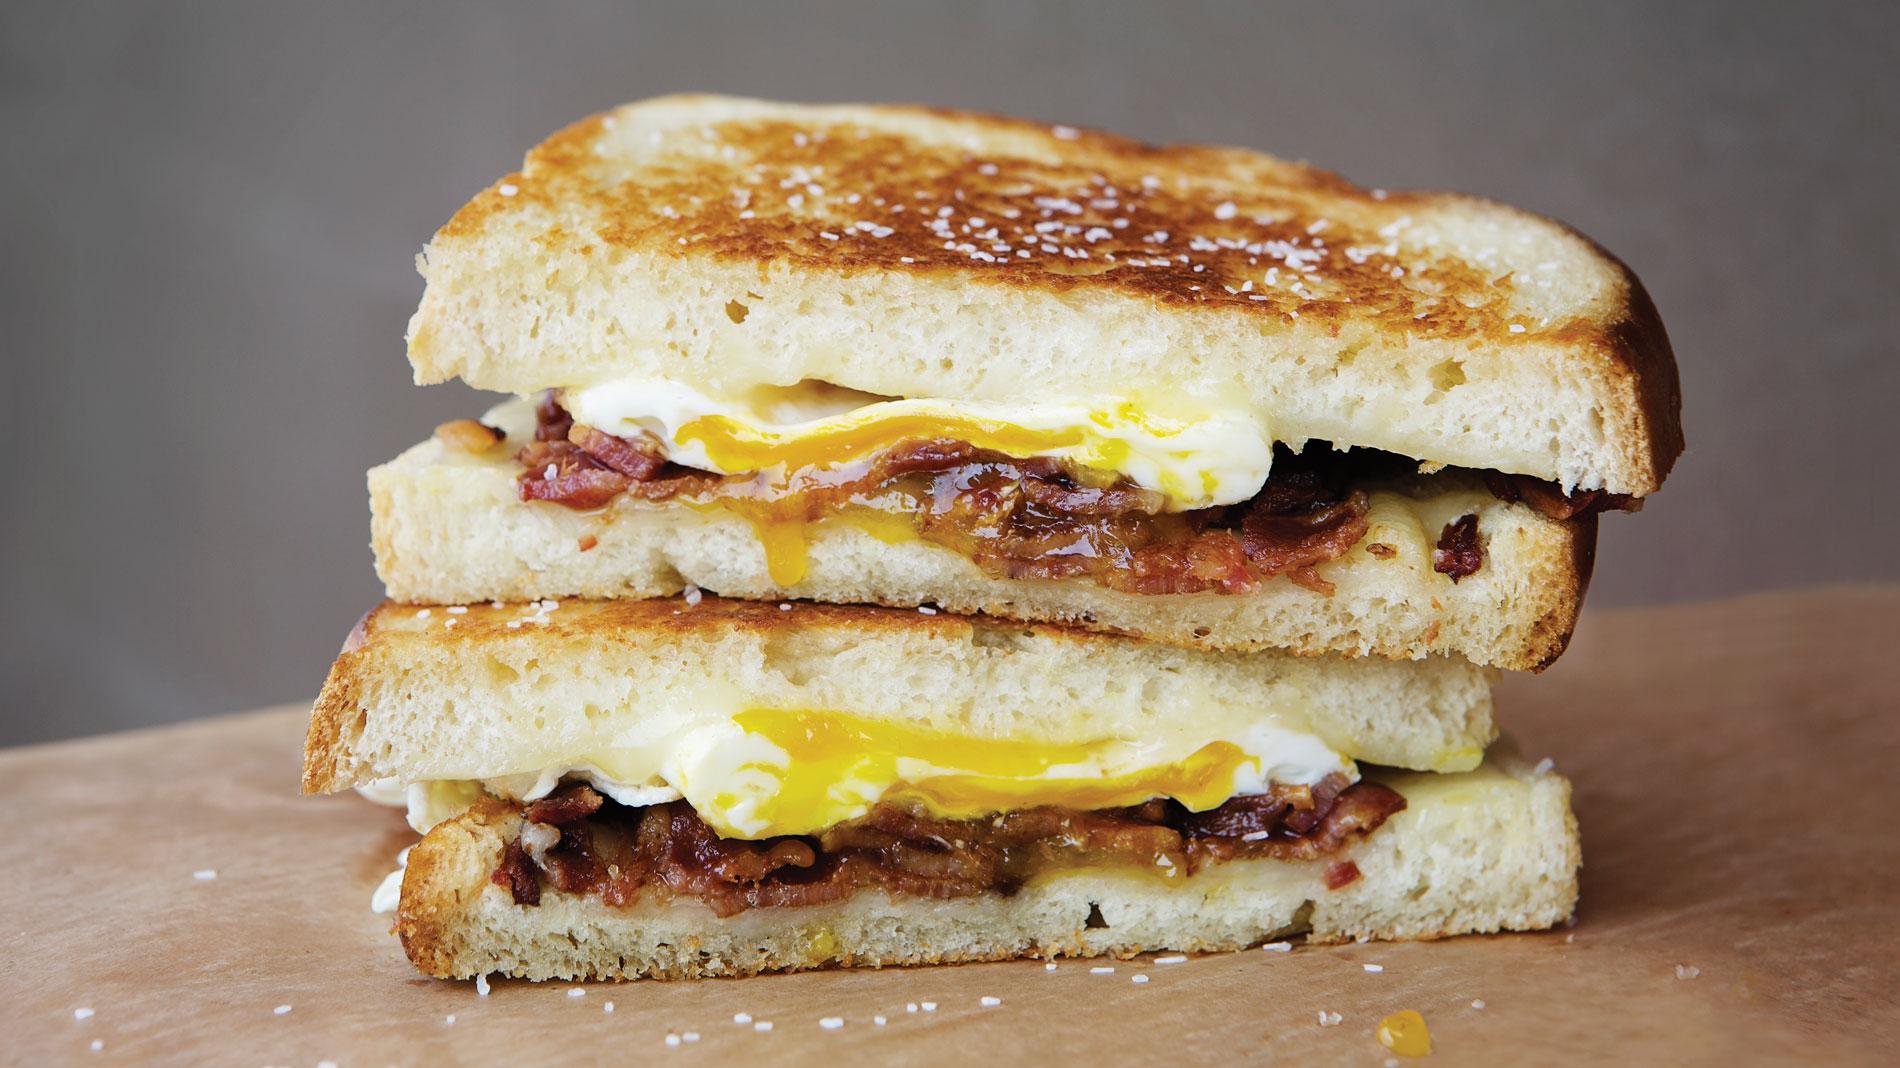 ktichen kulture's classic breakfast sandwich at tower grove farmers market in st. louis